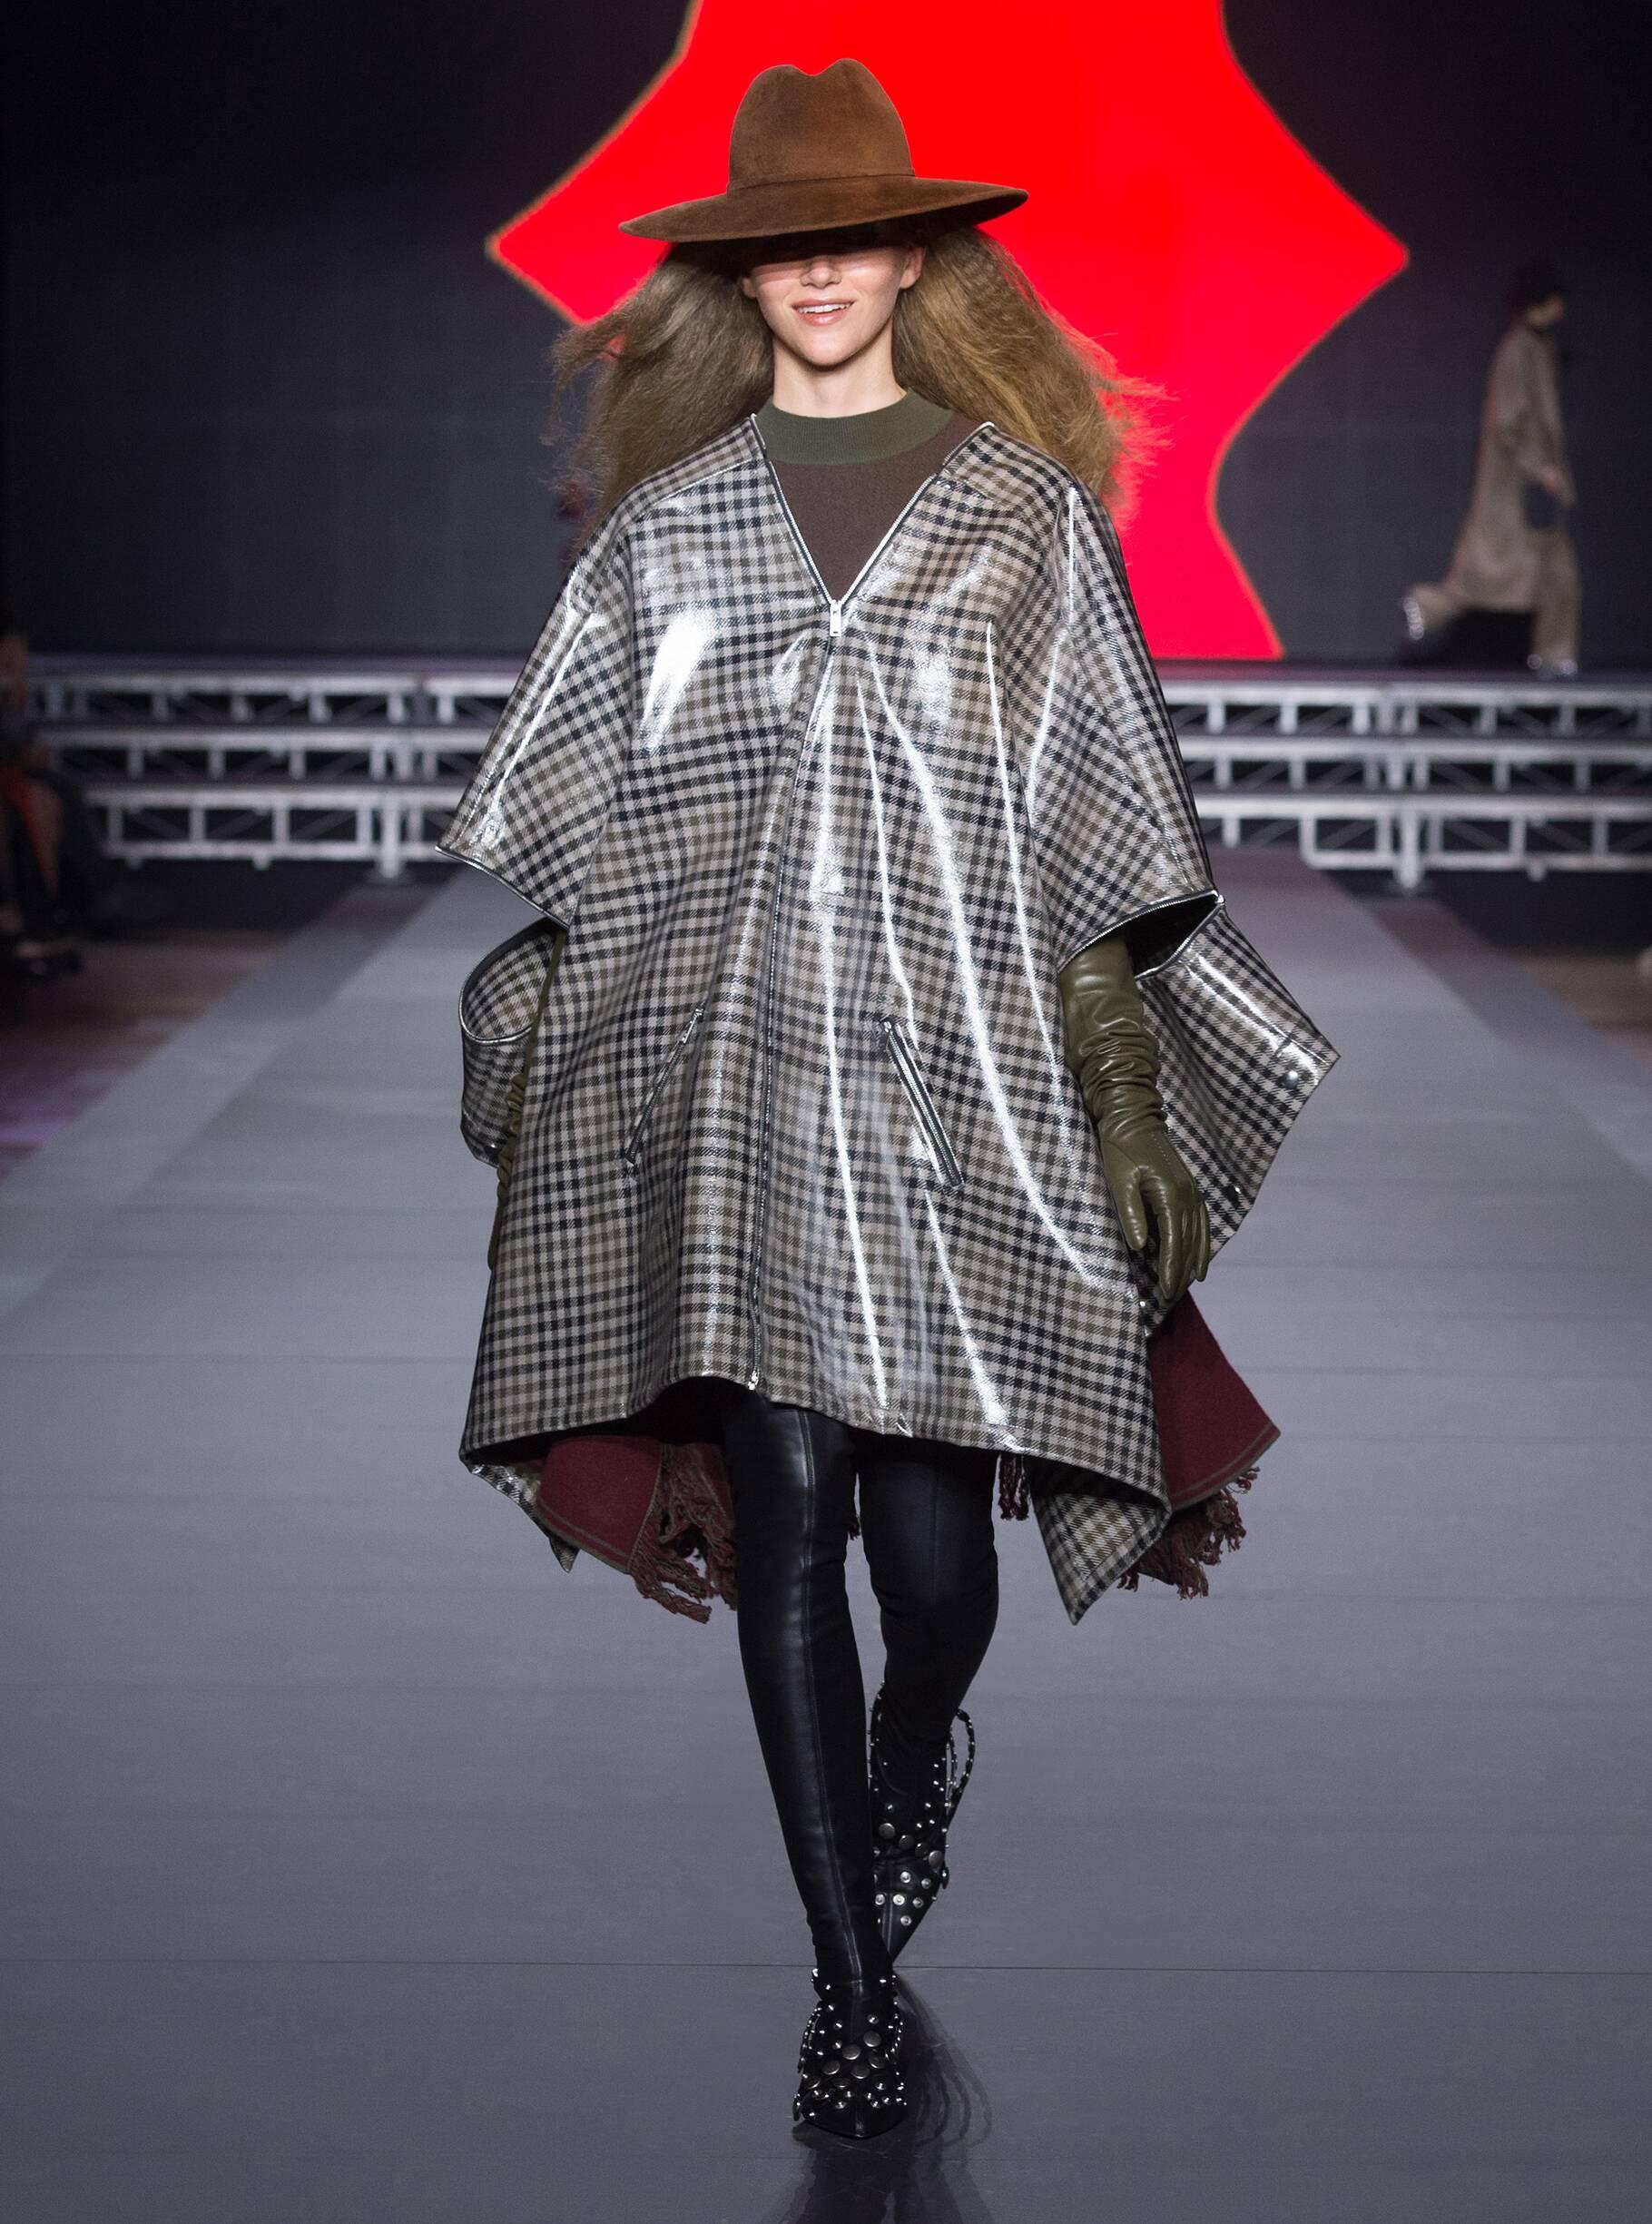 Fashion Woman Model Sonia Rykiel Catwalk